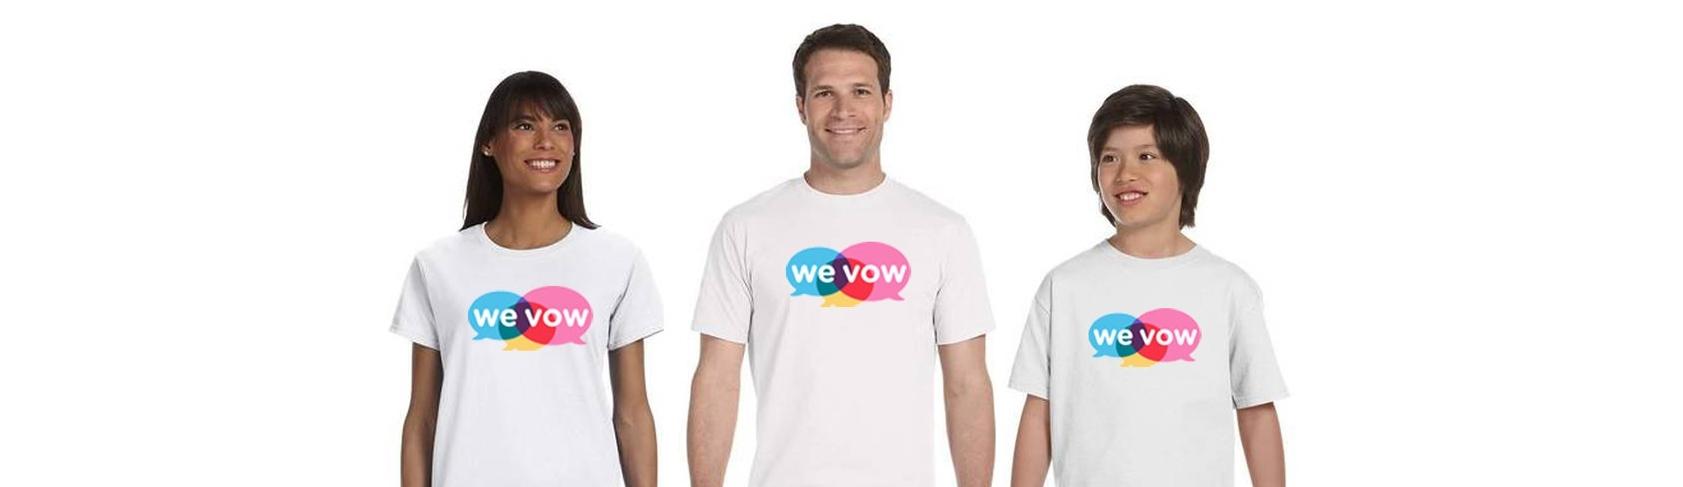 we vow